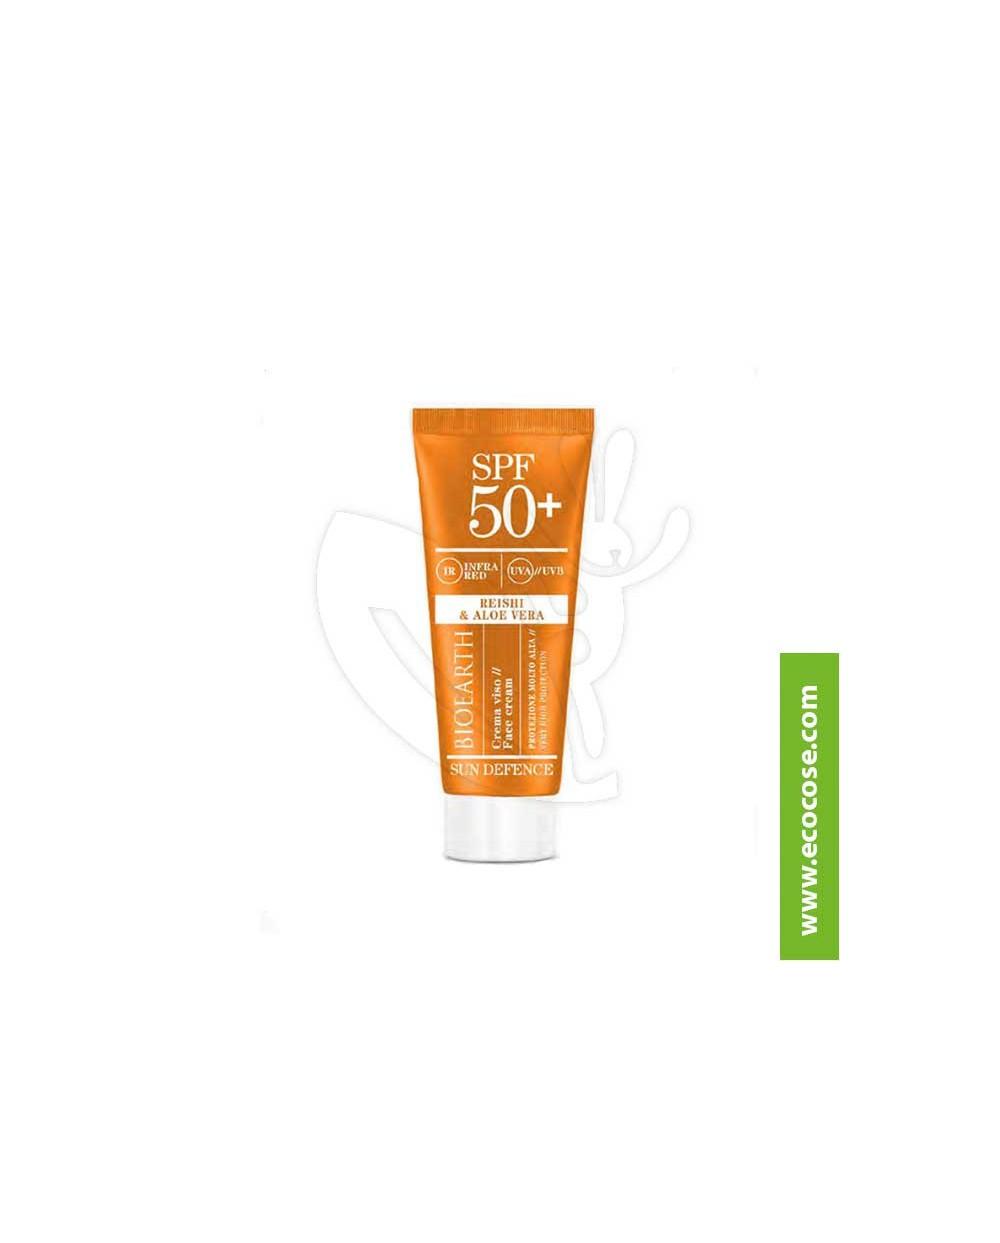 Bioearth - Sun Defence - Crema solare viso protezione molto alta spf 50+ Reishi e Aloe Vera